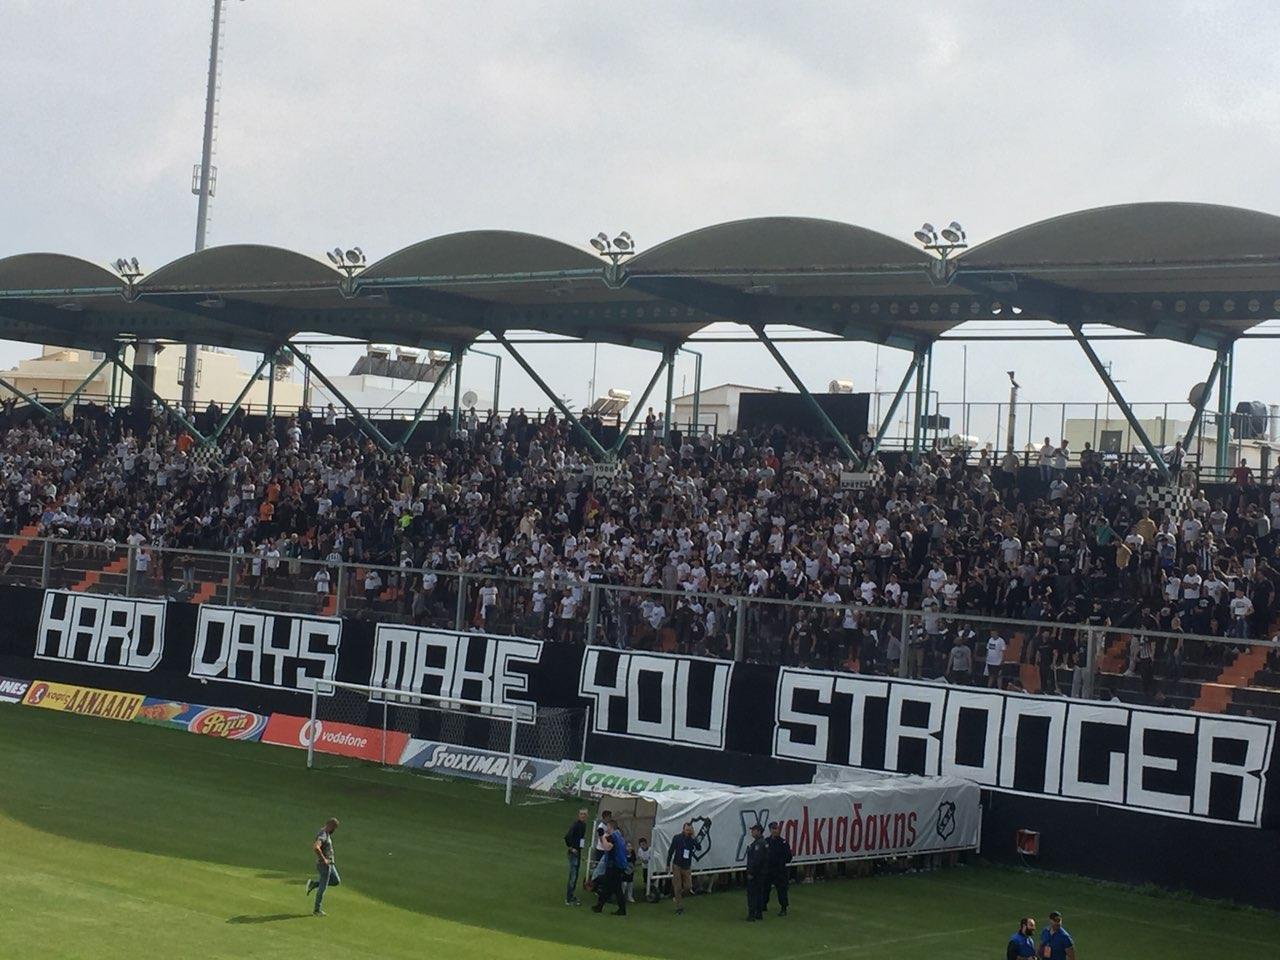 27-aprilioy-ofh-super-league-1